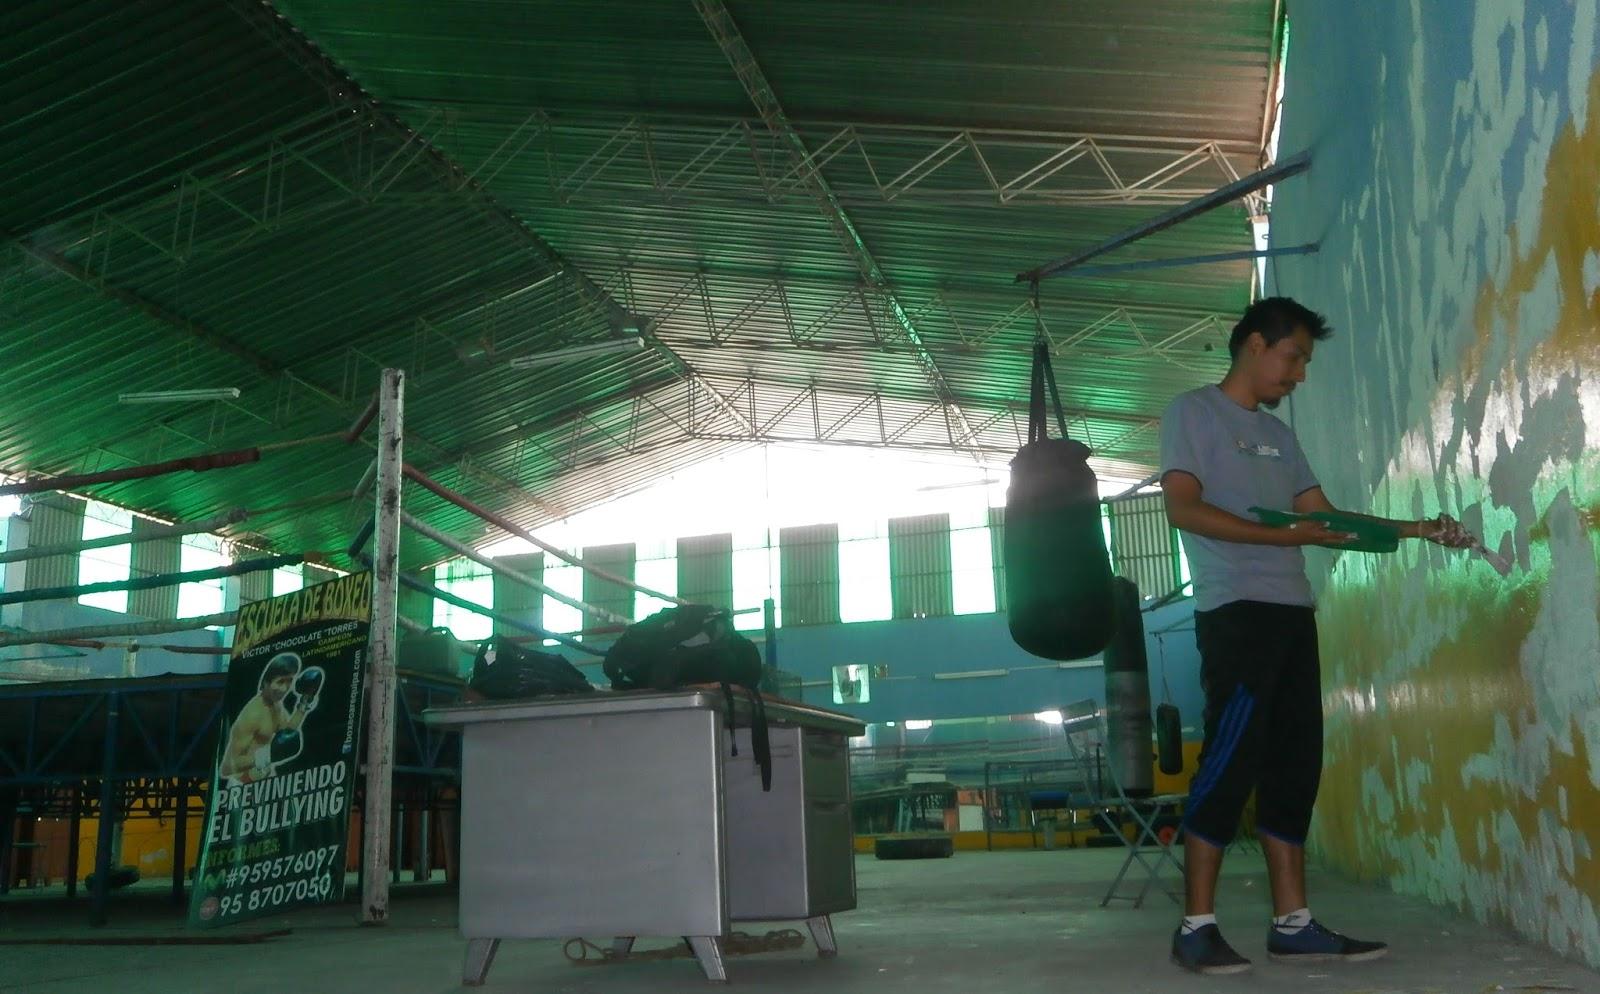 Deportes de arequipa refaccionaron el techo del gimnasio for Gimnasio de boxeo